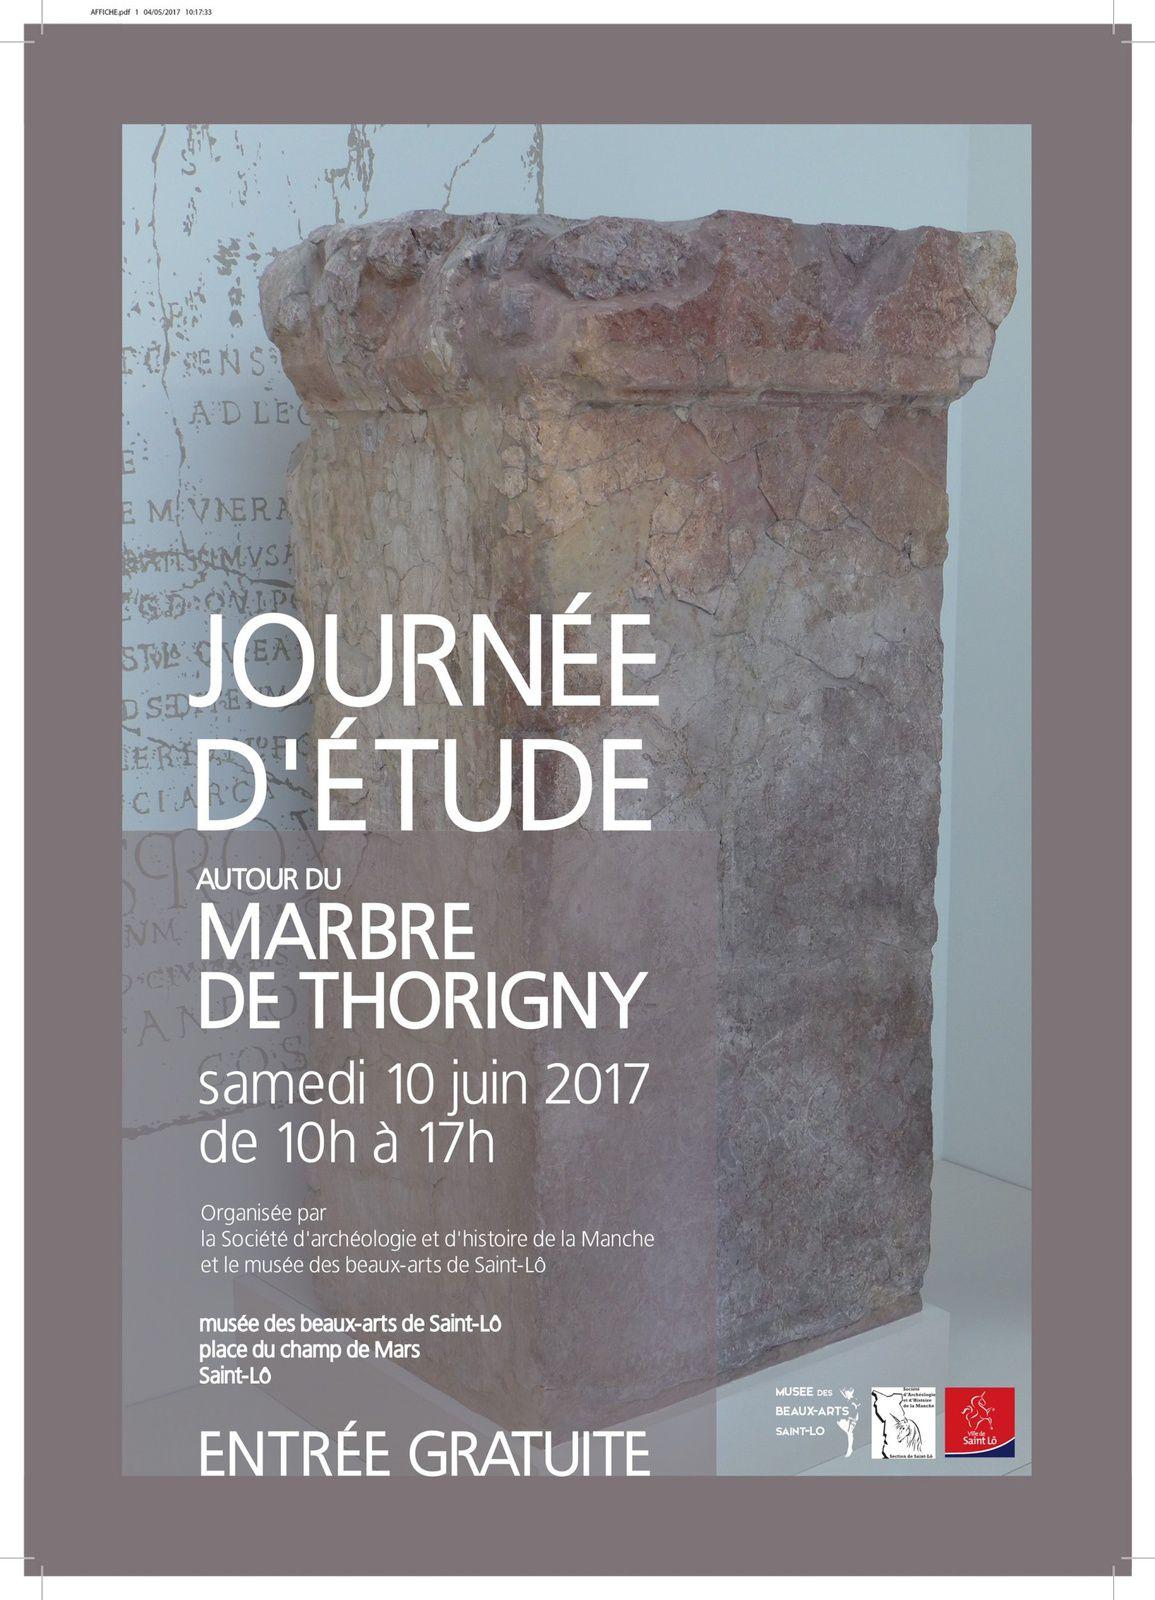 JOURNEE D'ETUDE A SAINT-LO (Manche), 10 JUIN 2017, AUTOUR DU MARBRE DE THORIGNY